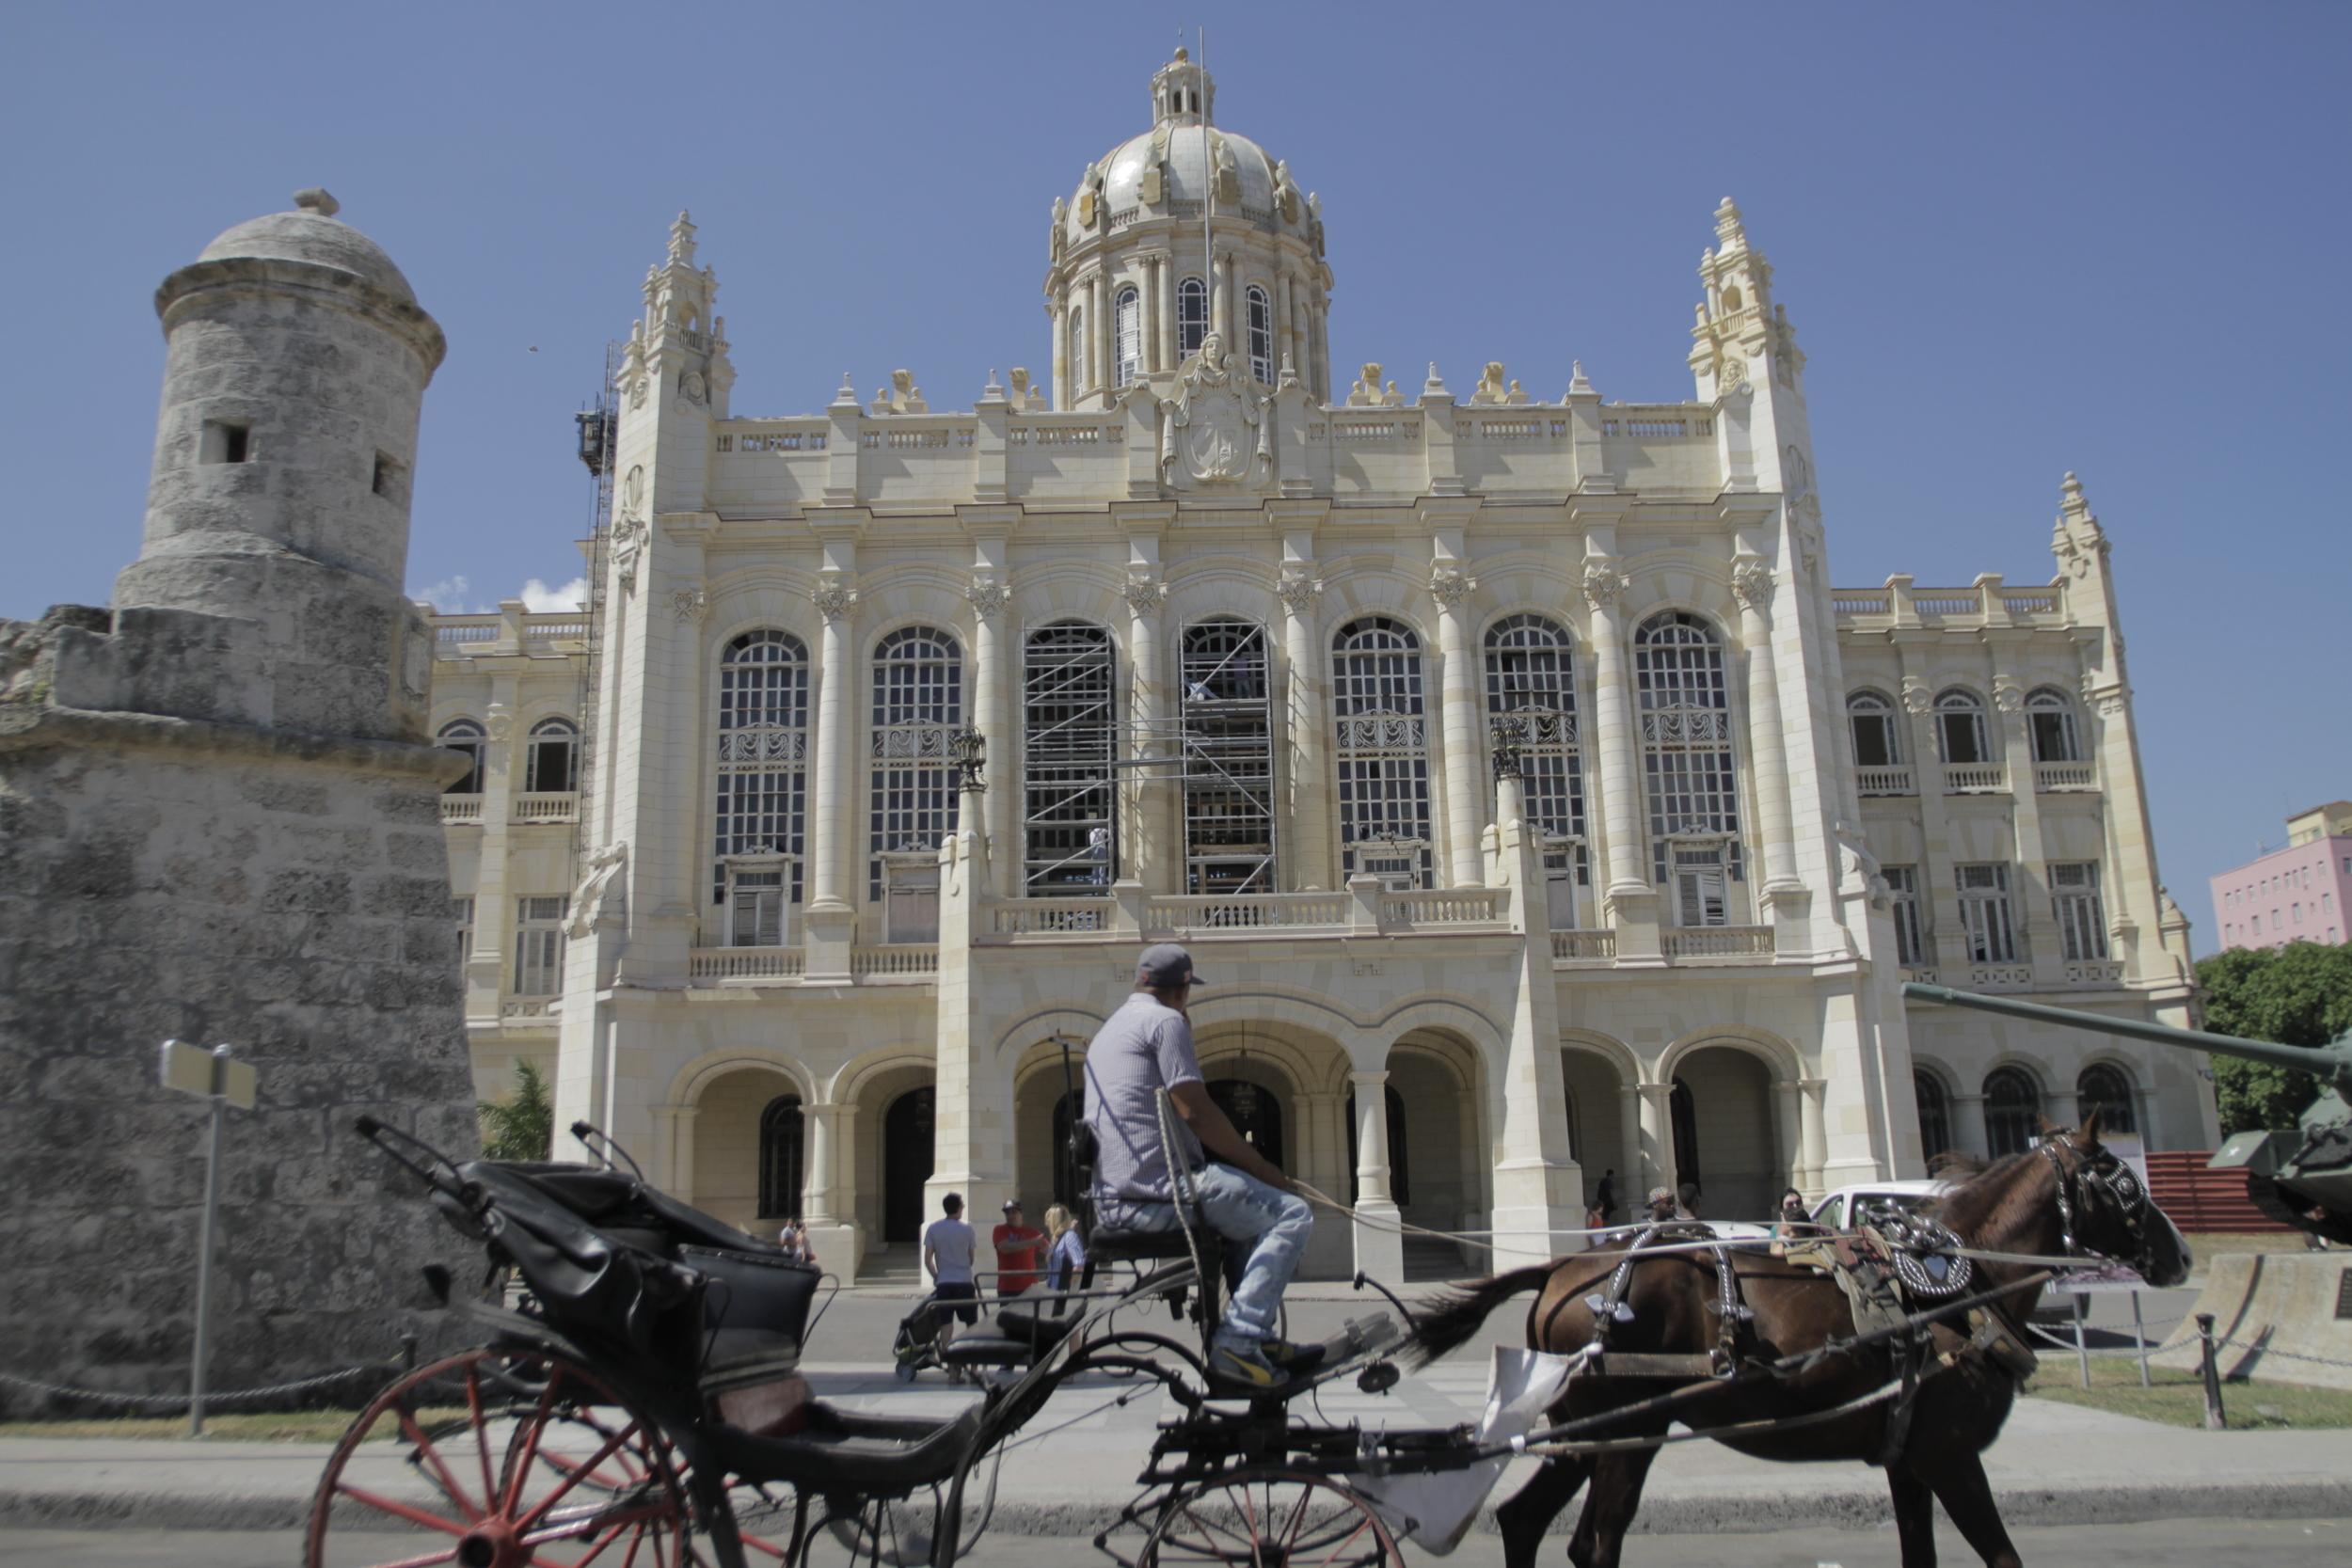 Museum of the Revolution in Old Havana